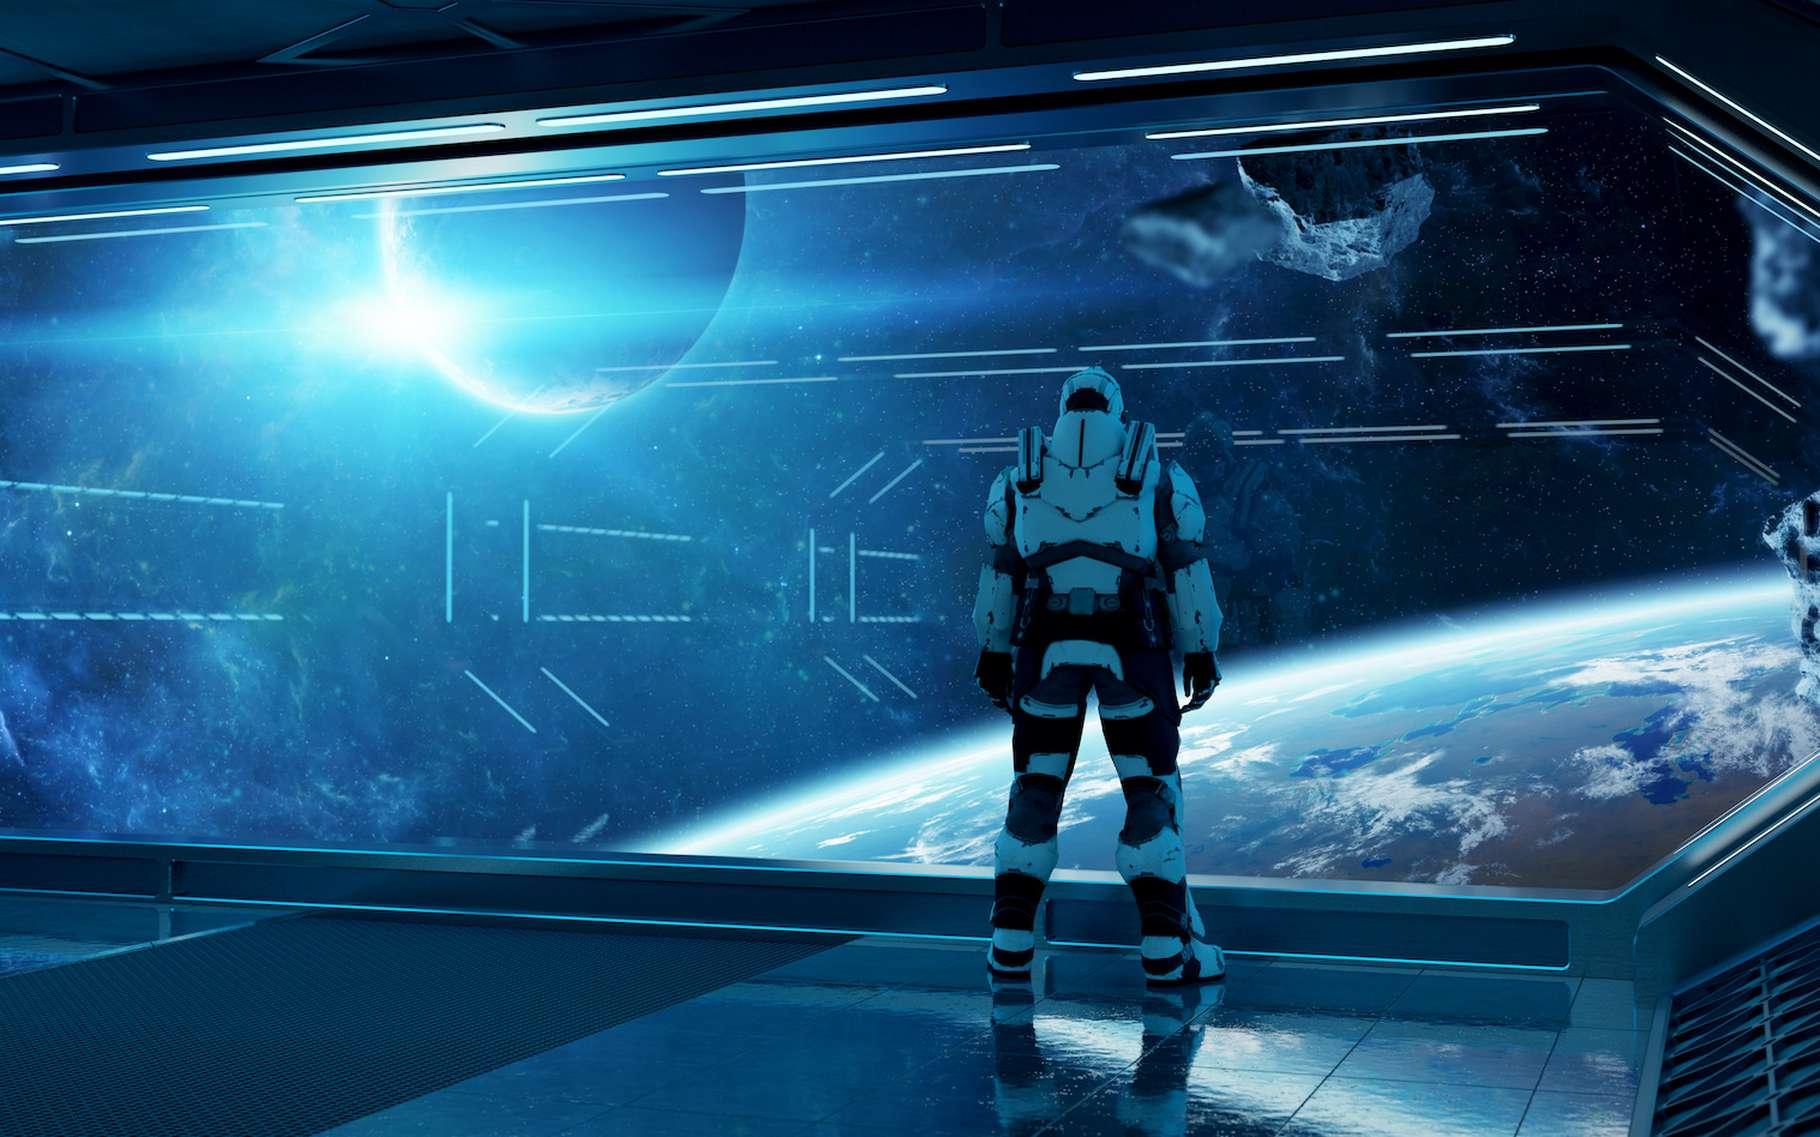 Certains pensent que le salut de l'humanité est à chercher dans l'espace. D'autres doutent sérieusement de la faisabilité d'un voyage interstellaire. © sdecoret, Adobe Stock